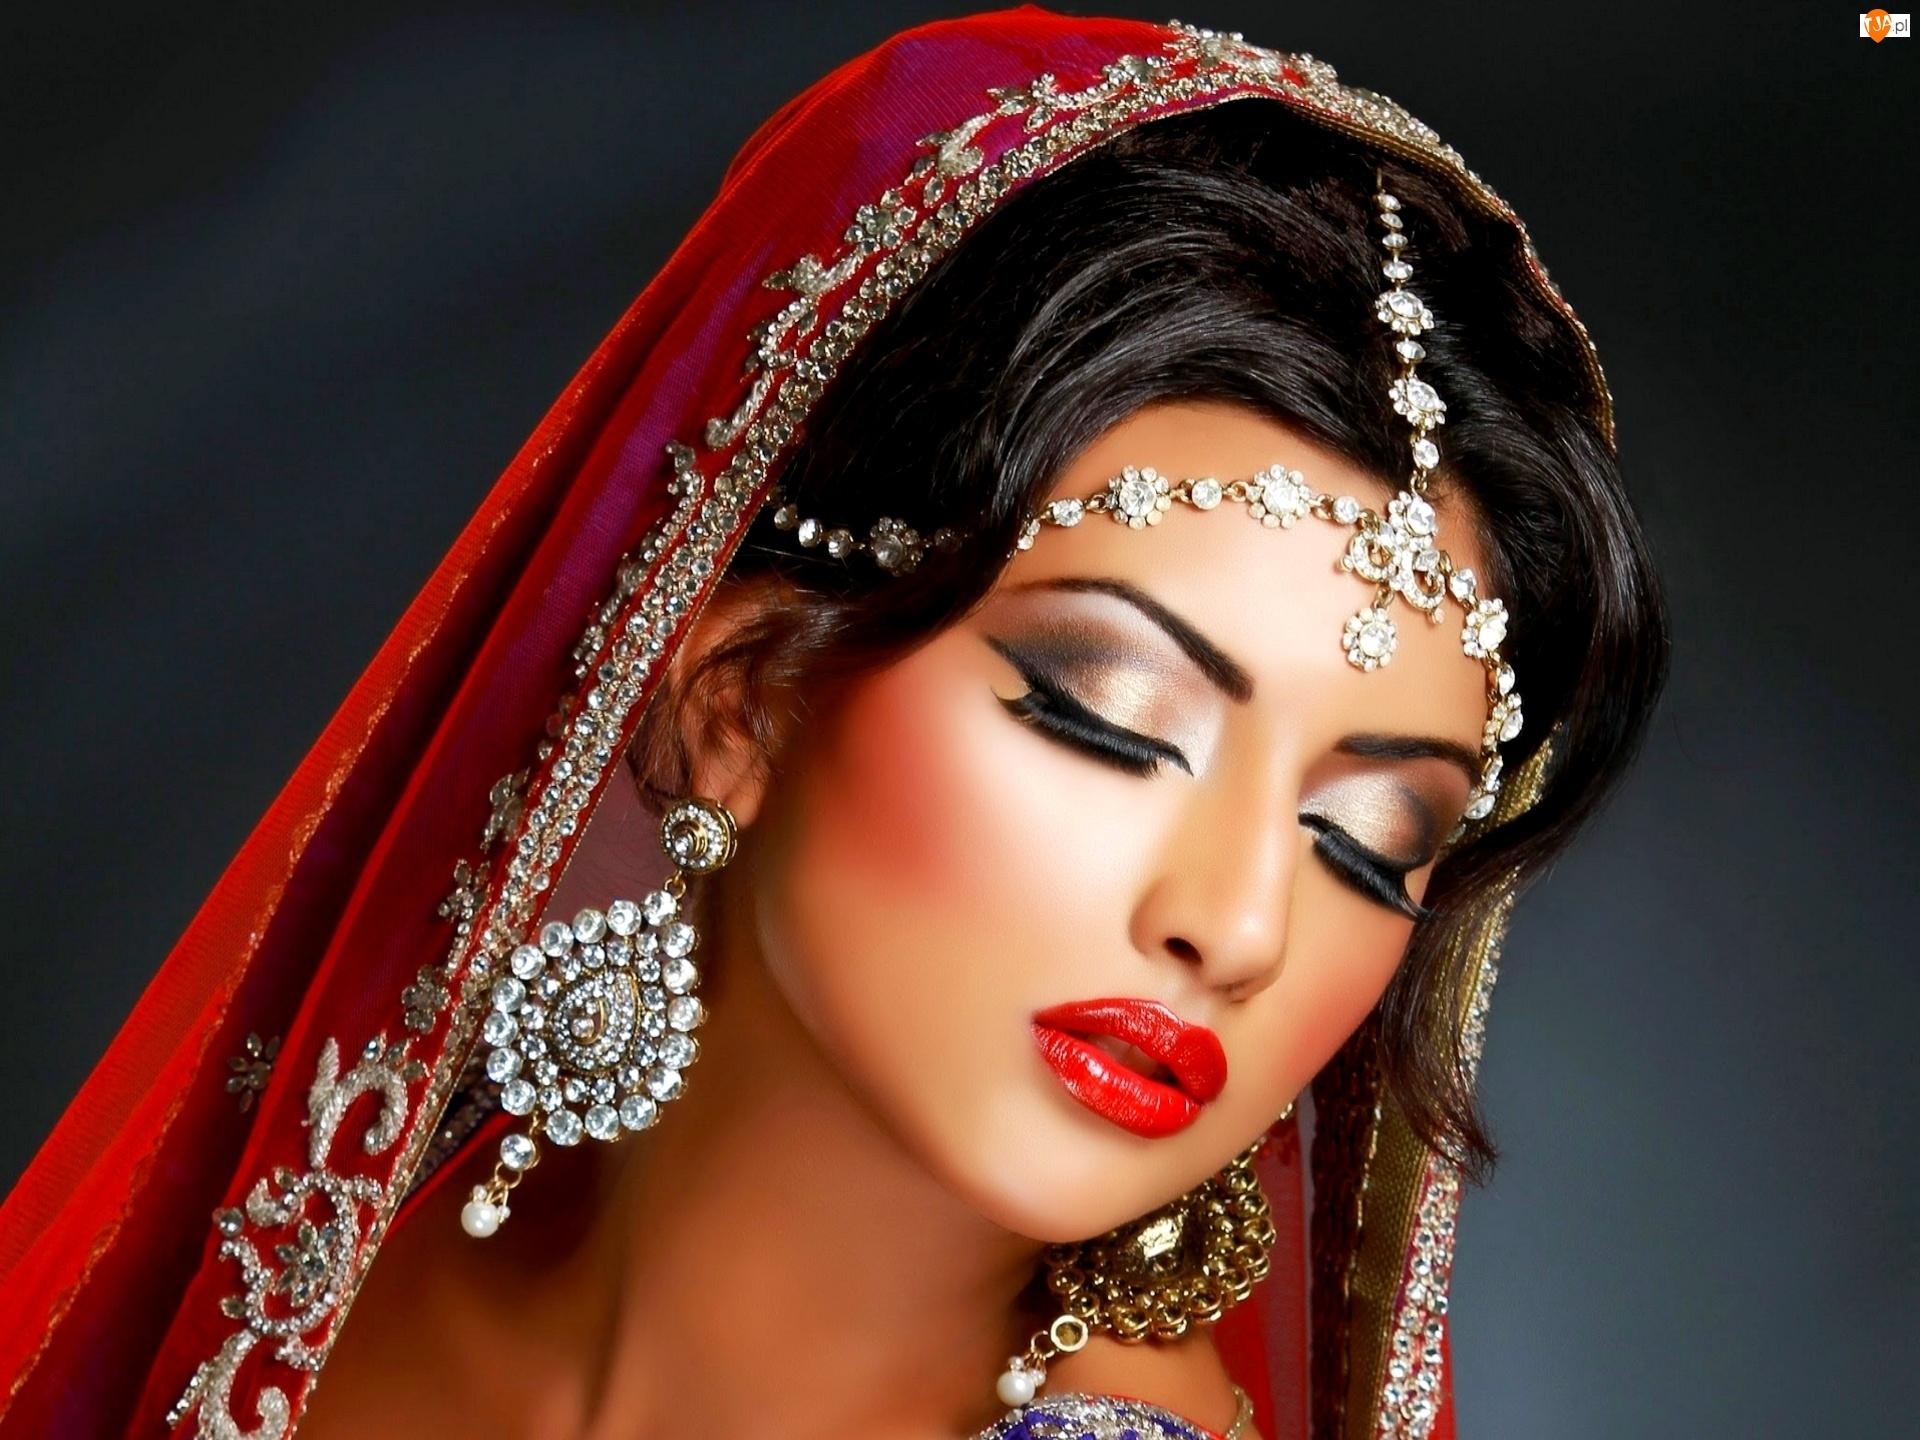 Strój, Kobieta, Biżuteria, Makijaż, Orientalny